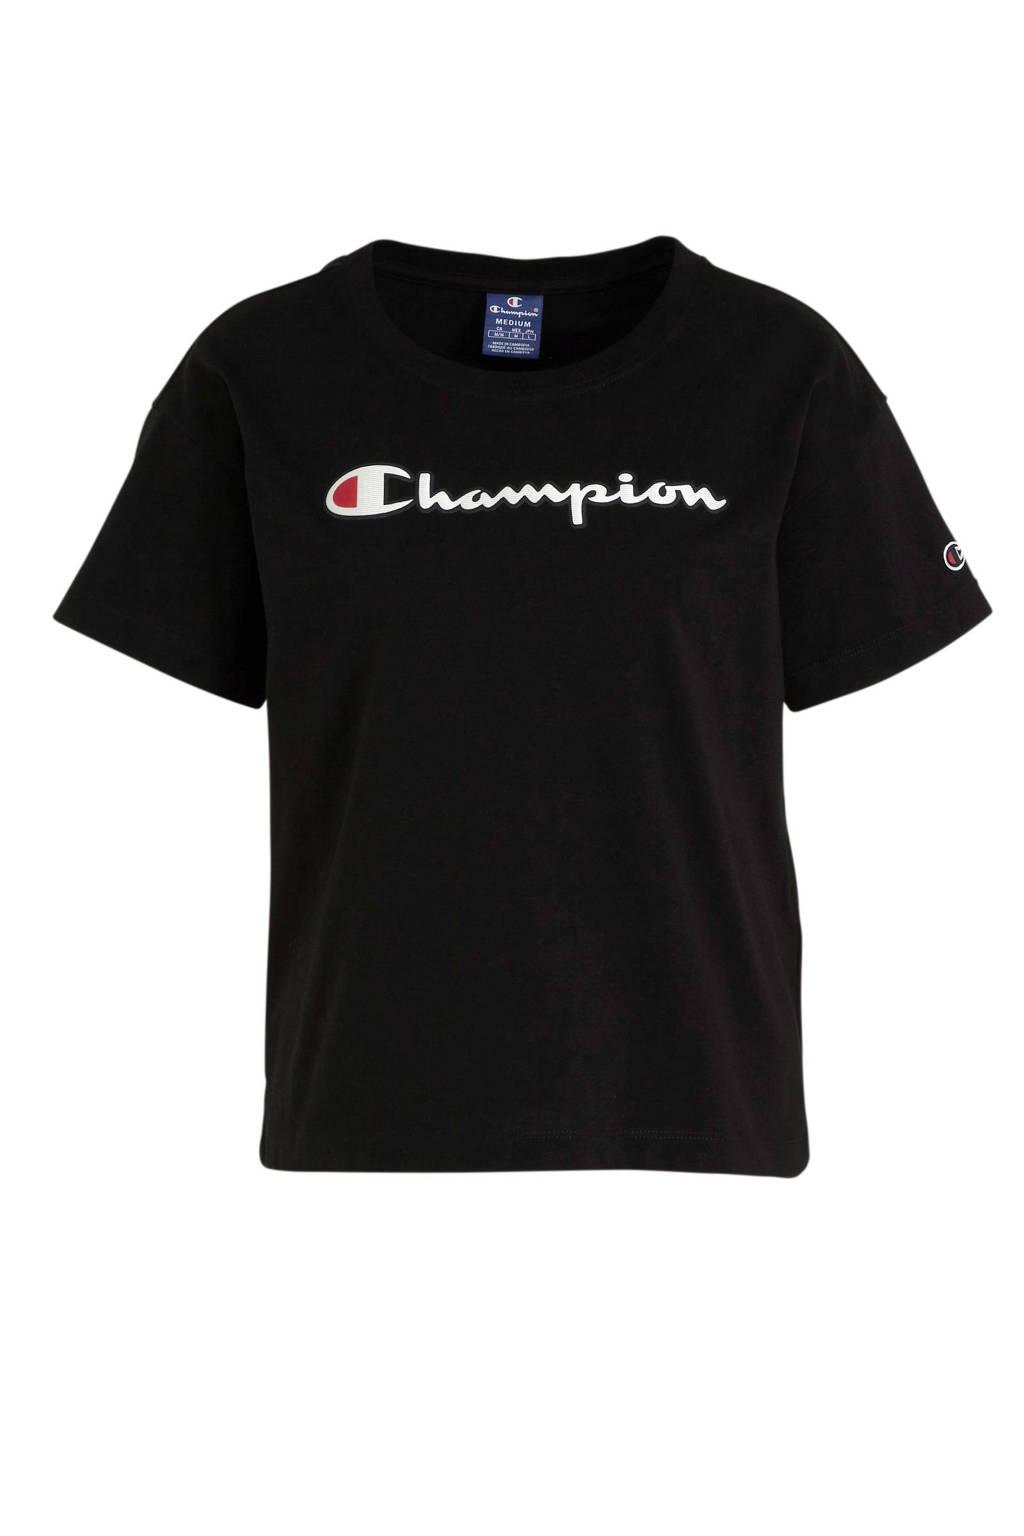 Champion T-shirt zwart, Zwart